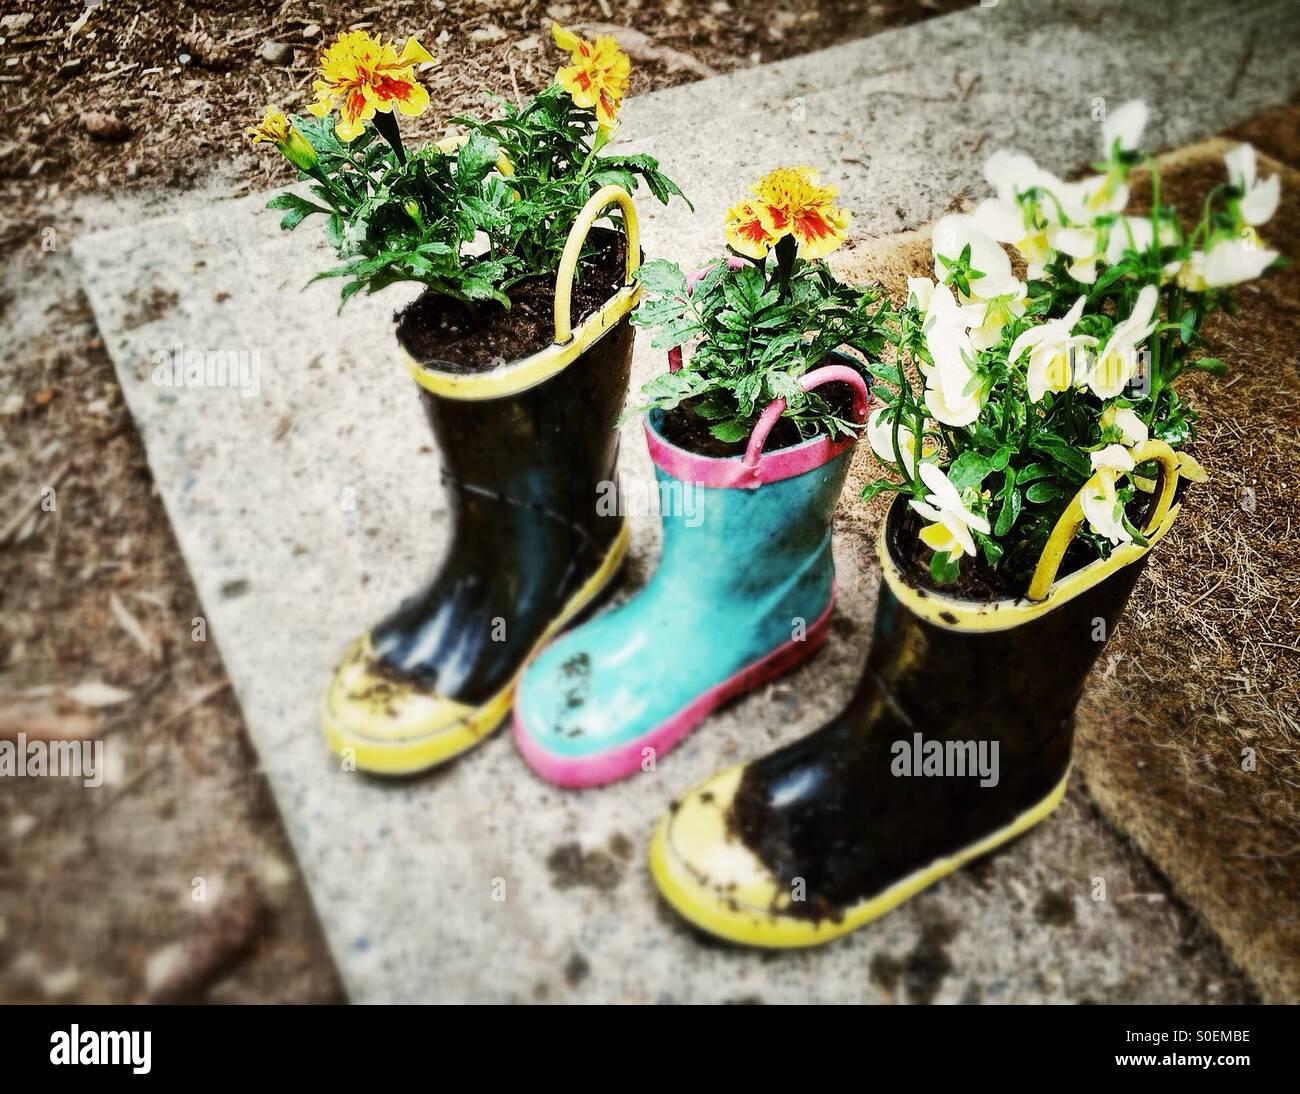 Fleurs plantées dans des bottes pour enfants Photo Stock